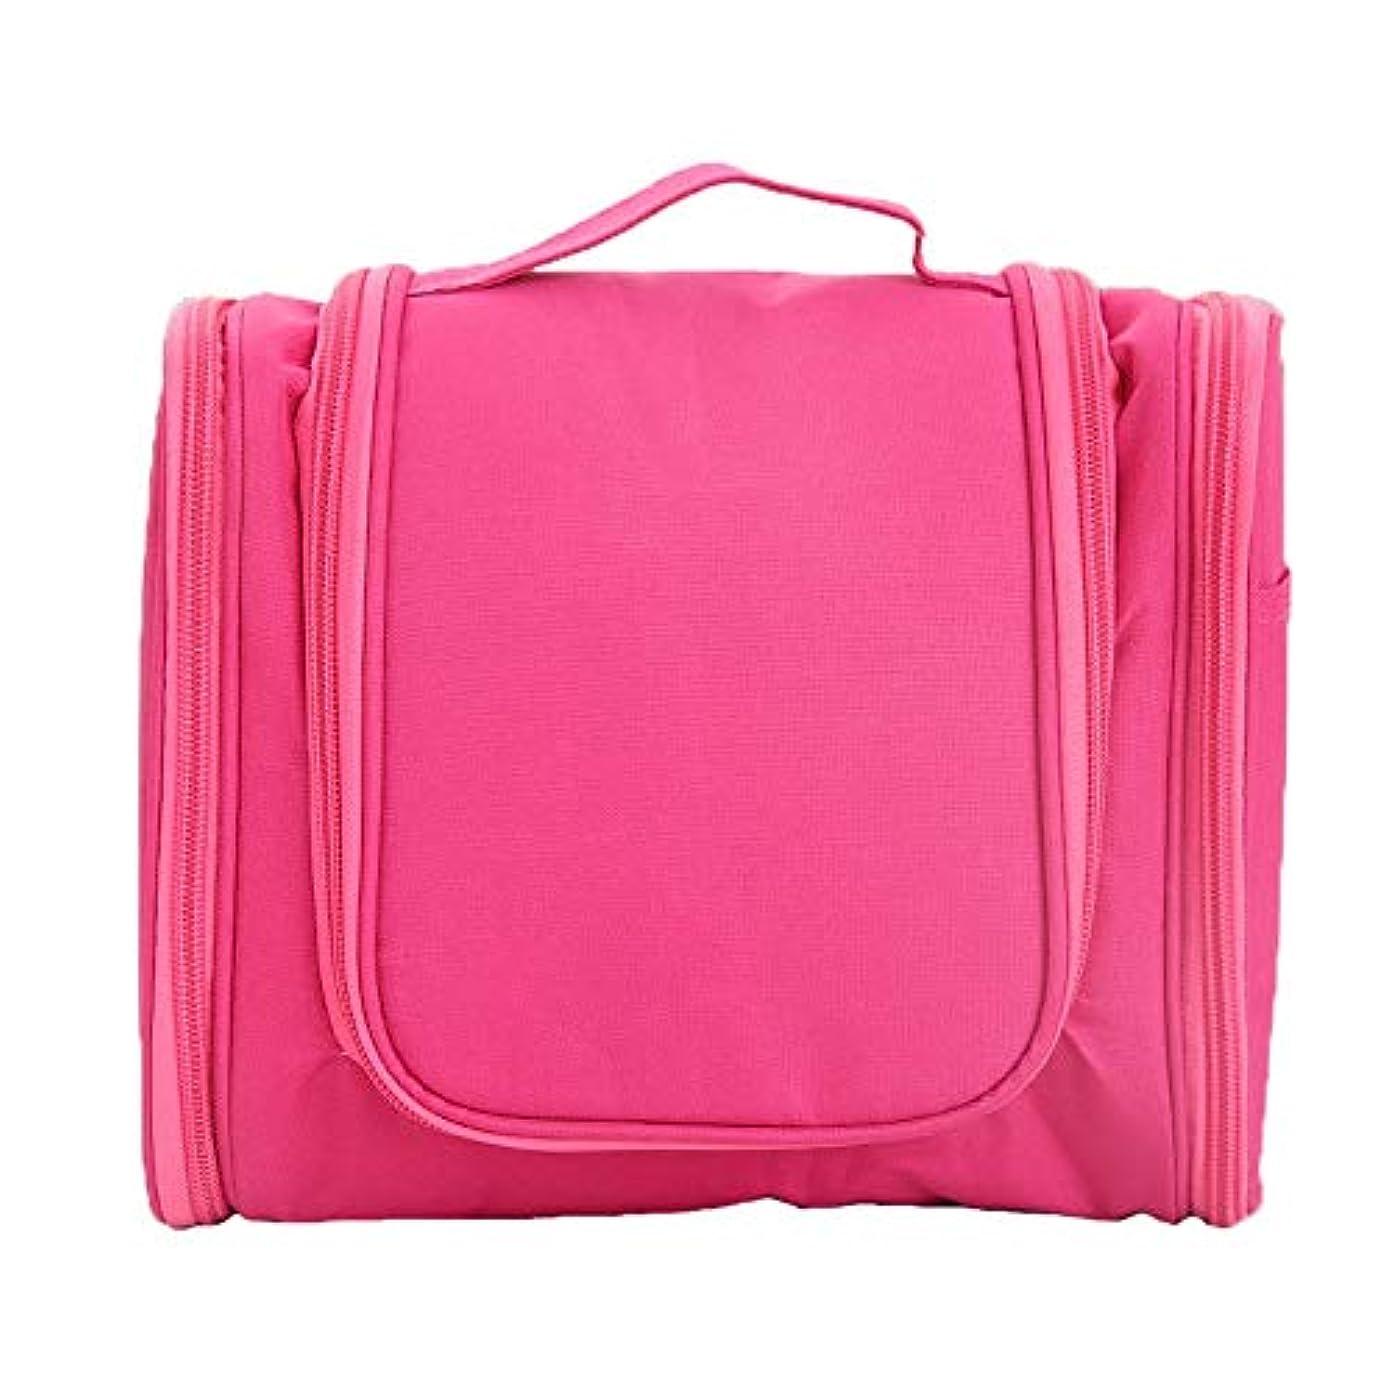 安らぎまどろみのある気付く化粧オーガナイザーバッグ ポータブルジッパー収納バッグ用化粧品化粧ブラシプロの旅行化粧バッグ旅行アクセサリー大容量防水ウォッシュバッグ 化粧品ケース (色 : ピンク, サイズ : 24x10.5x20.5cm)